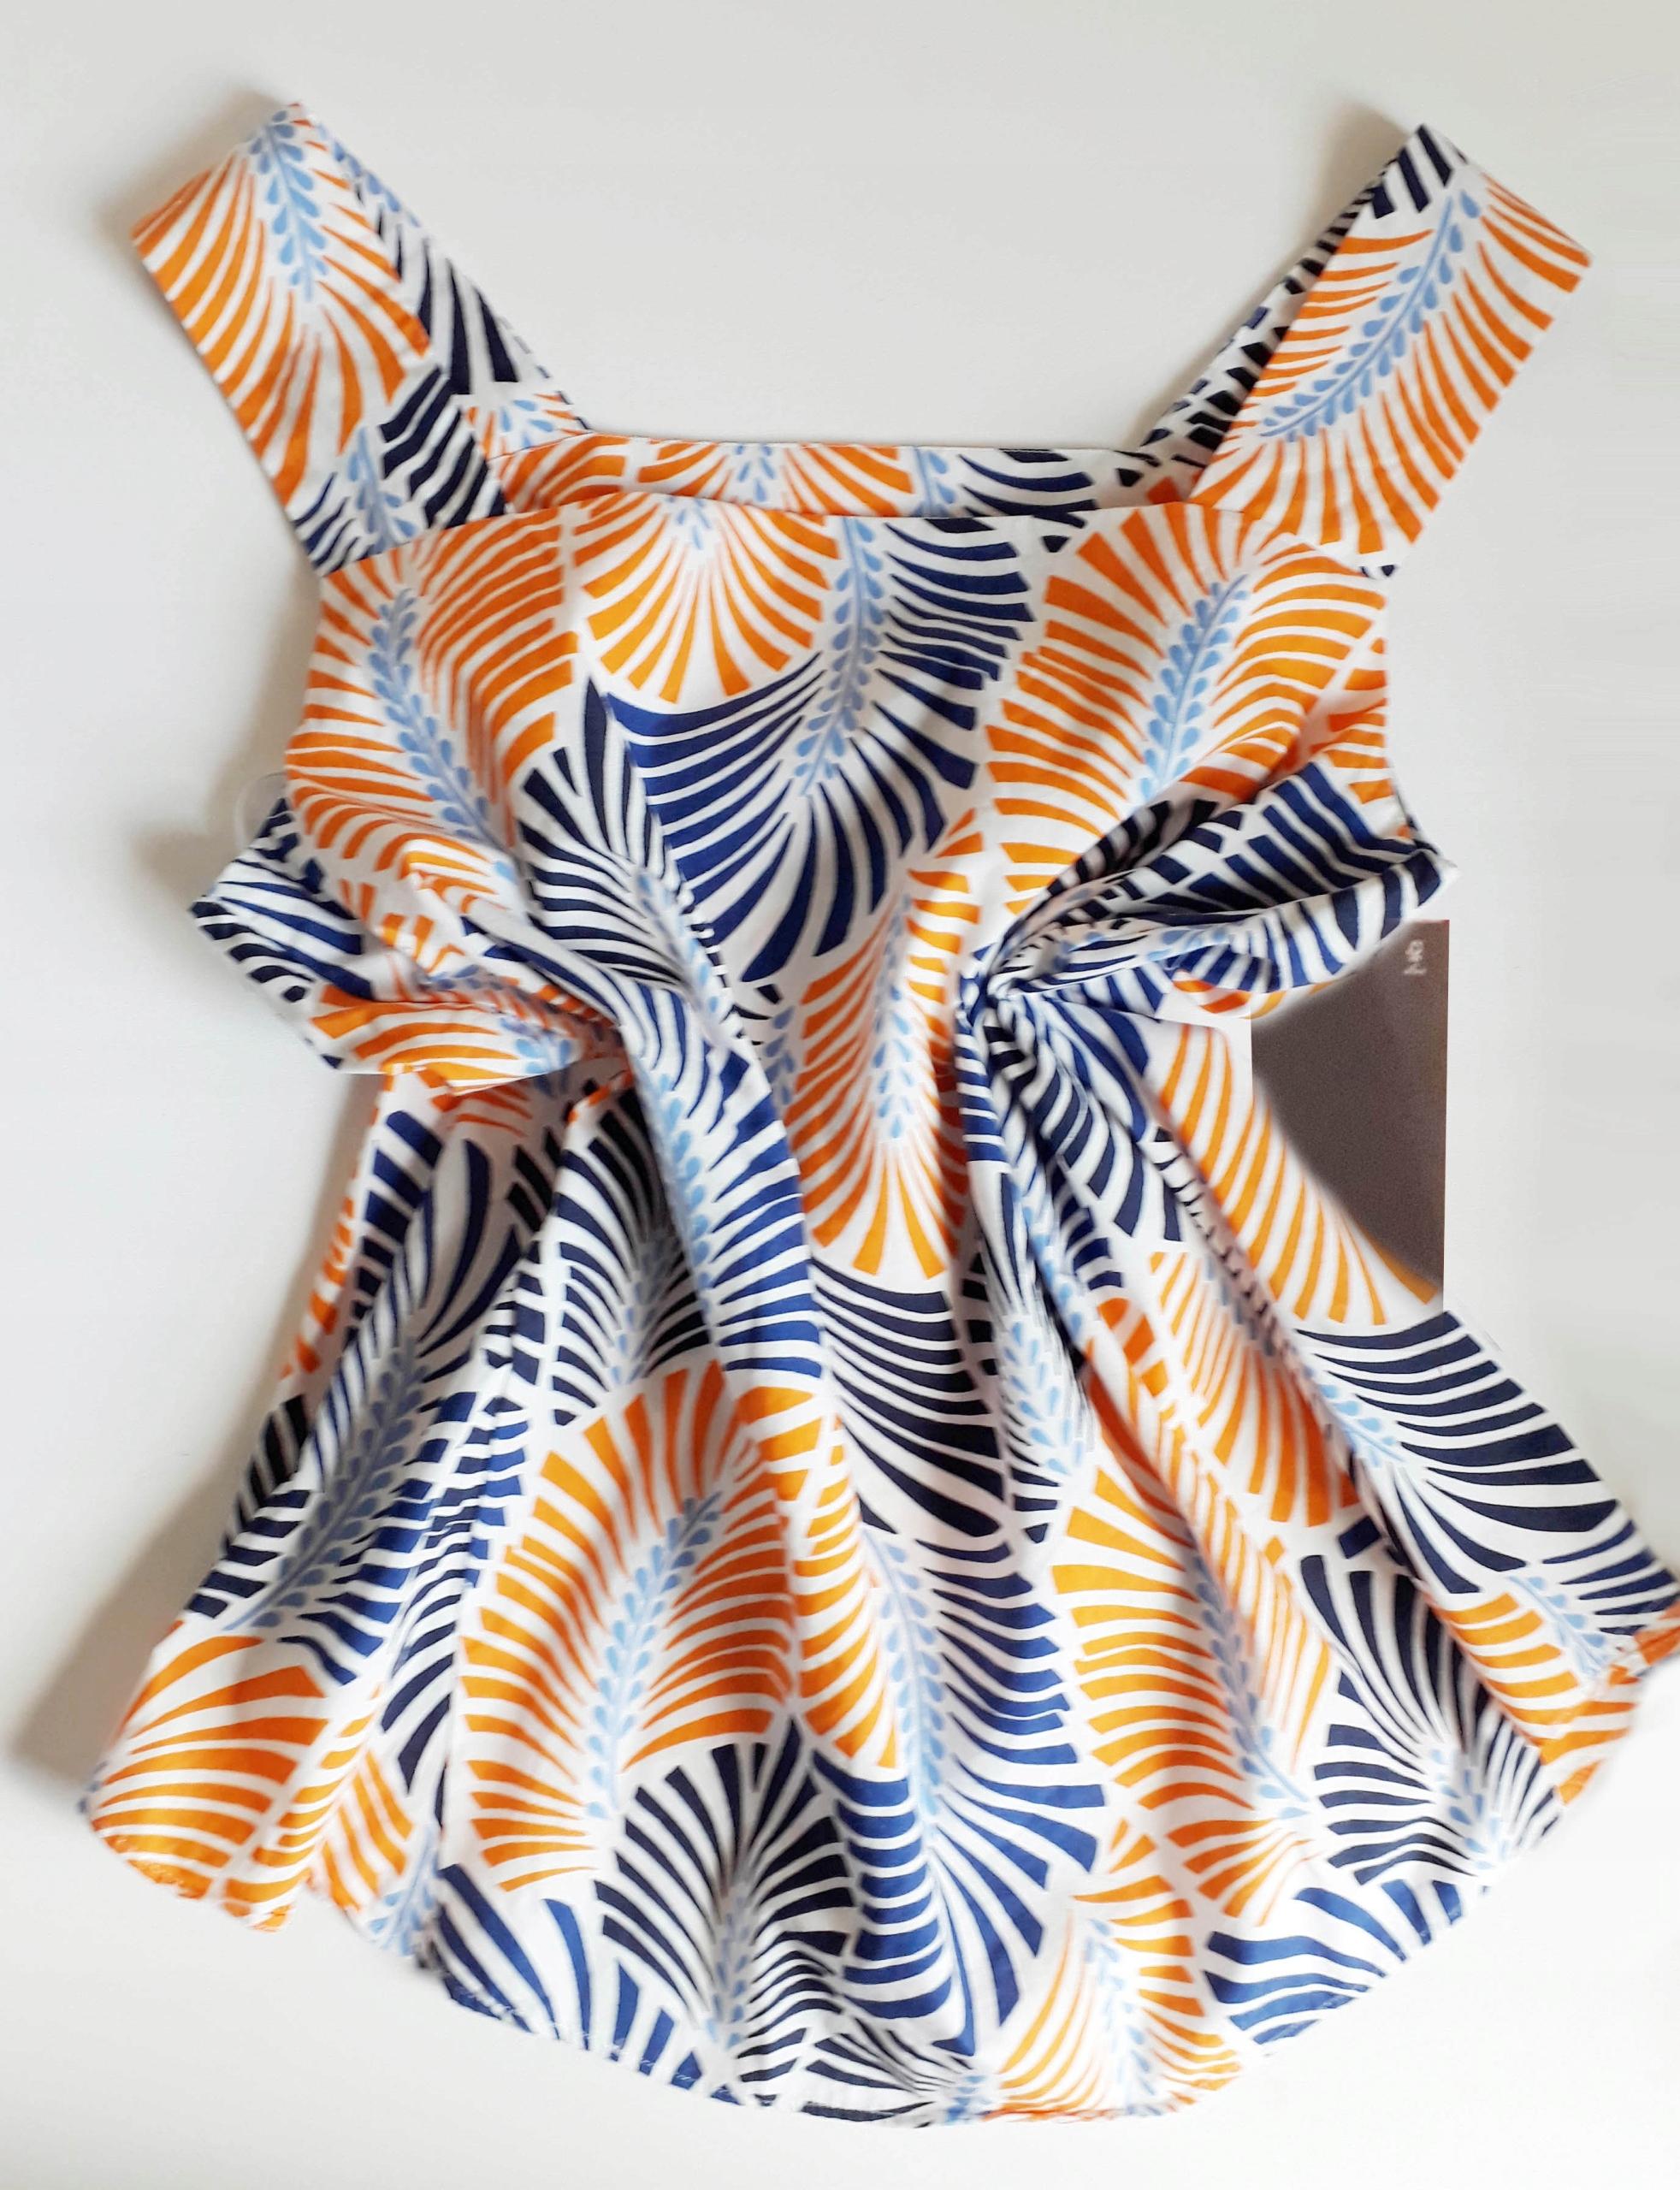 Zara M biała bluzka z popeliny wzorzysta kolorowa